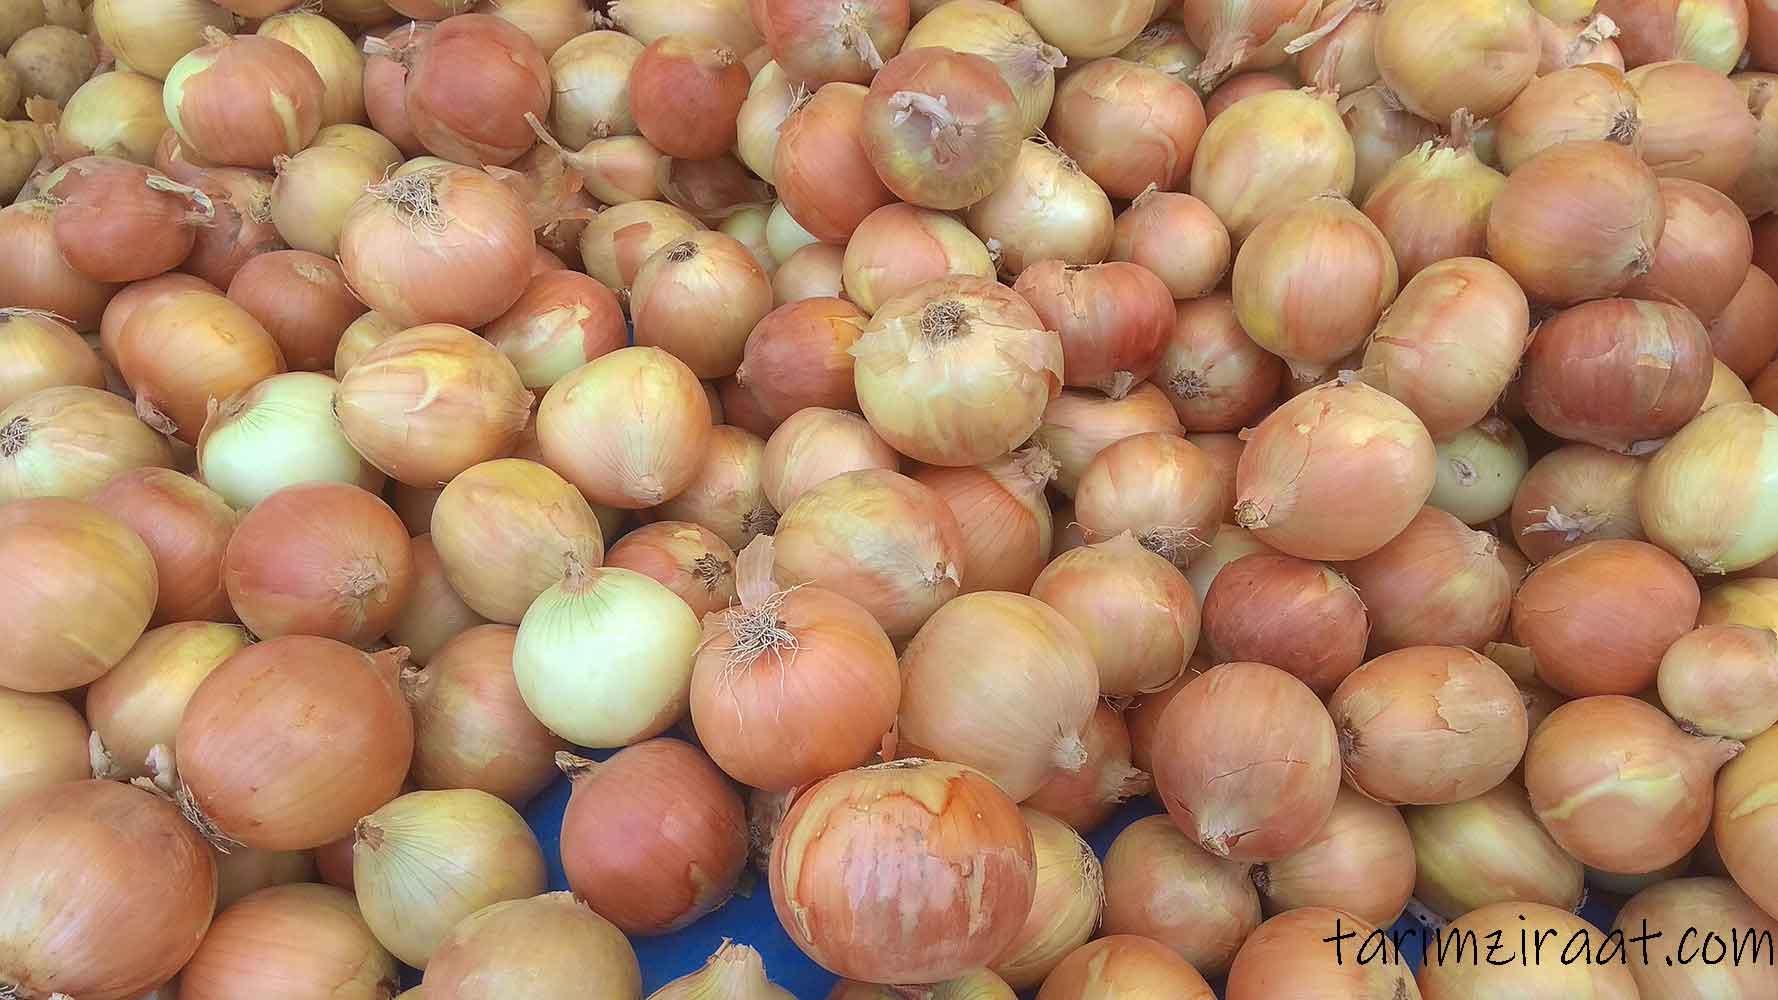 Kuru soğan fiyatları,Kuru soğan piyasası, Kuru soğan resmi